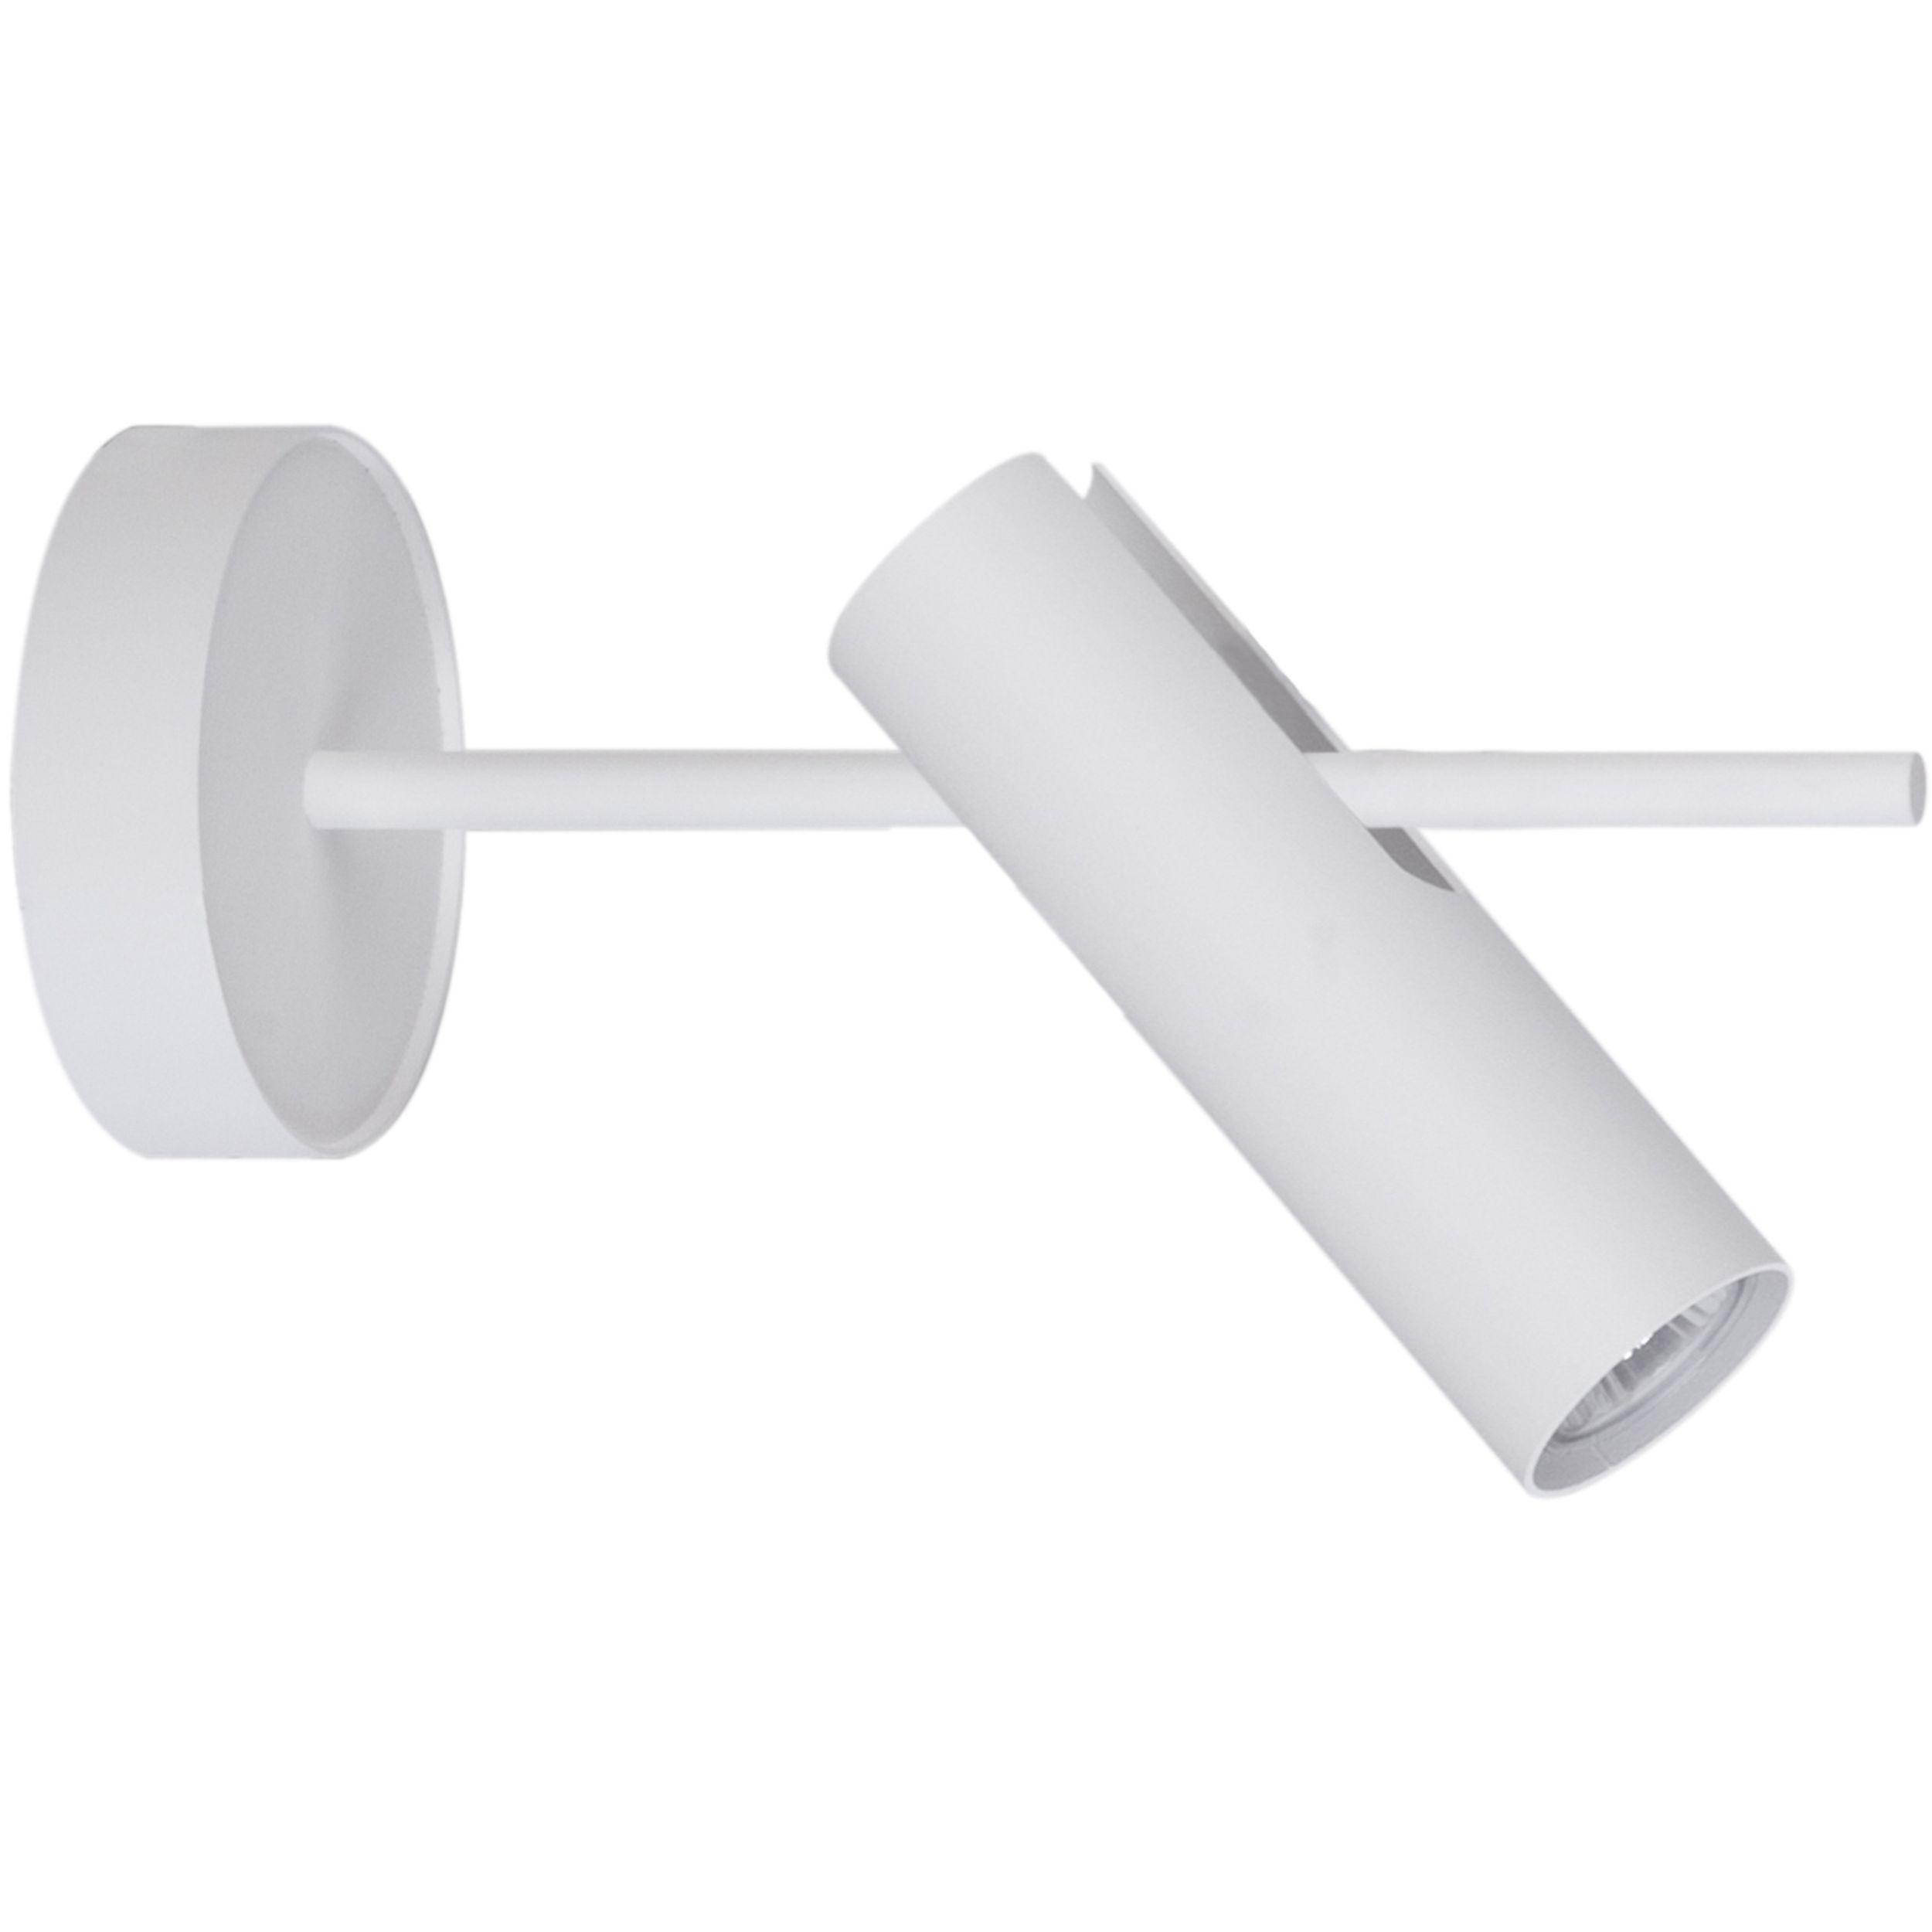 Kinkiet Sigma Leda x1 Biały